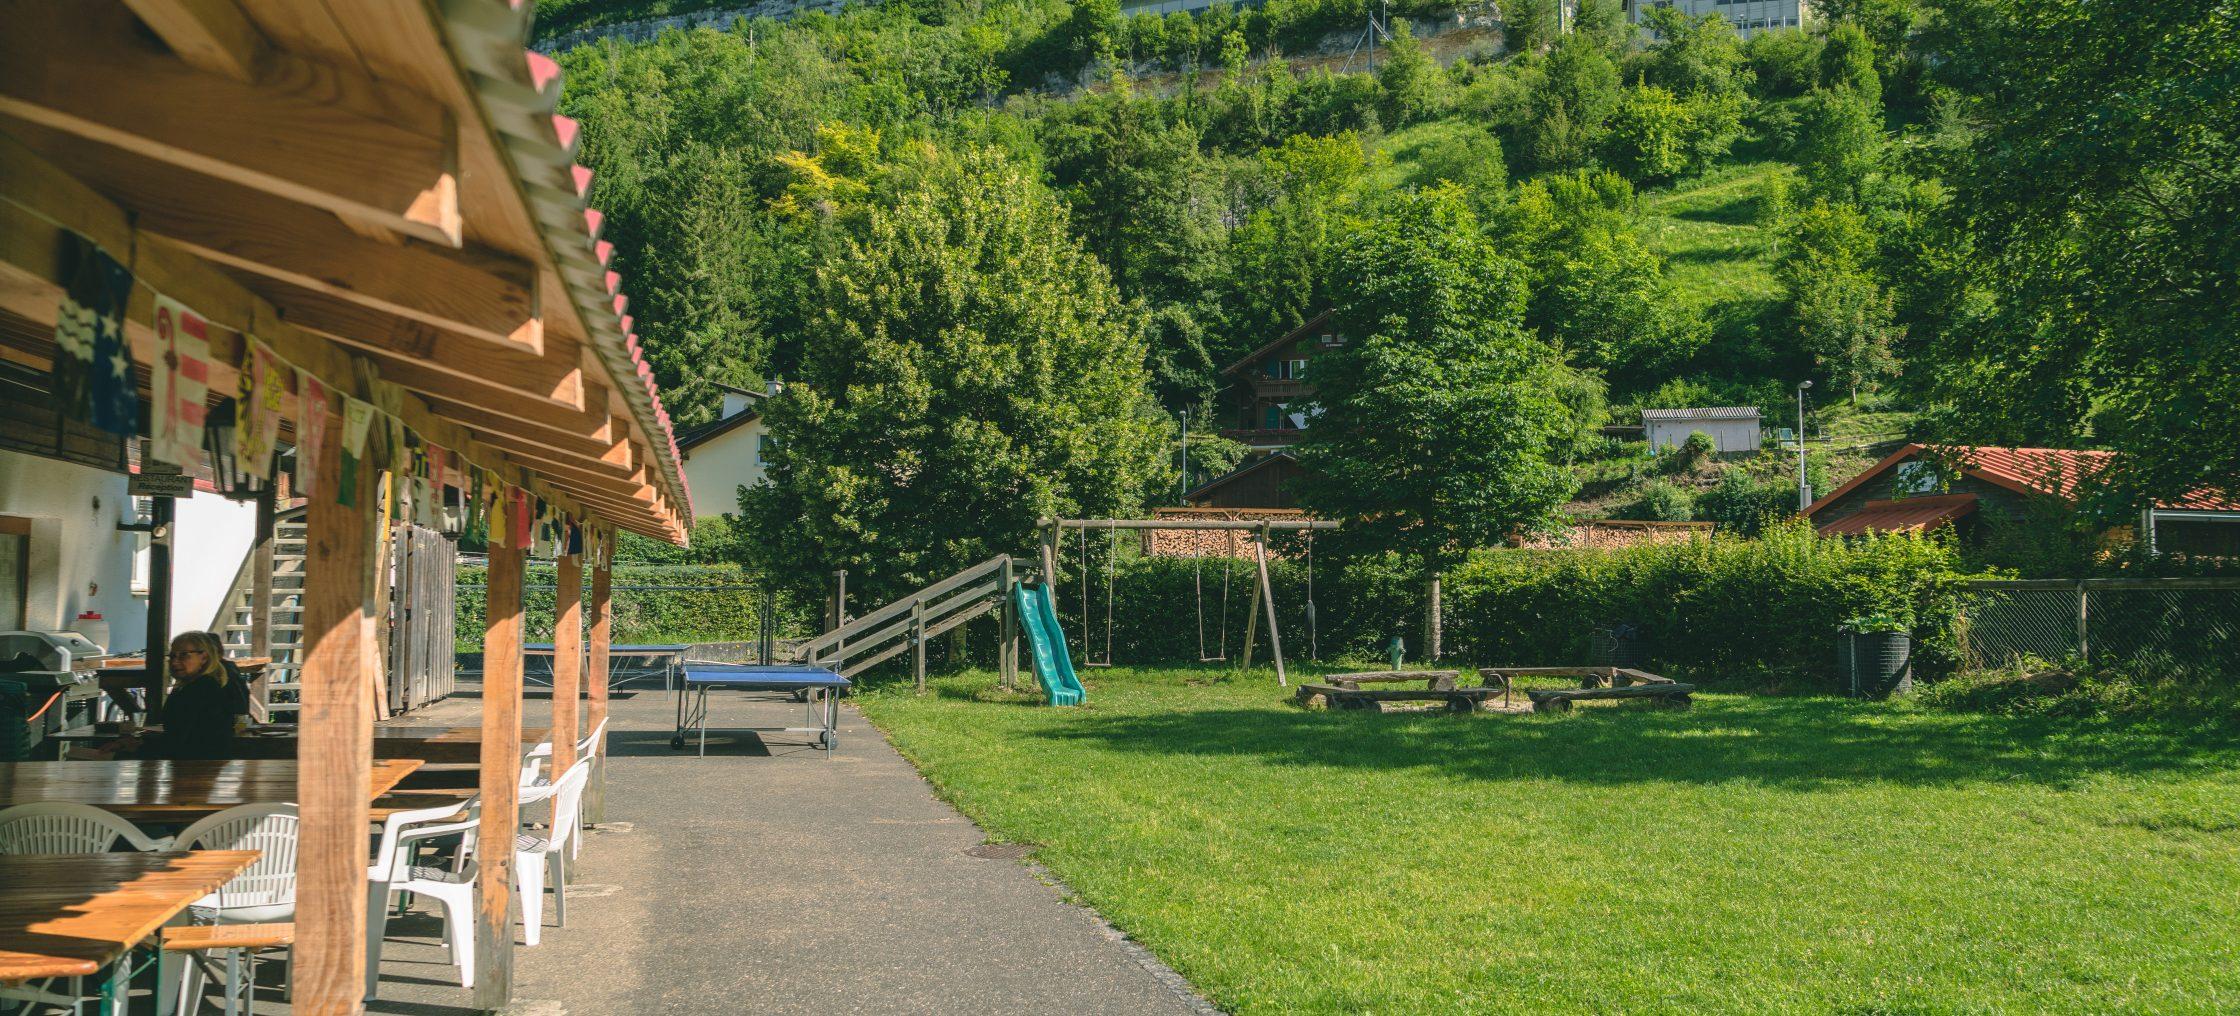 Ferien im Jura, Spielwiese vor dem Restaurant des Camping Chandelier